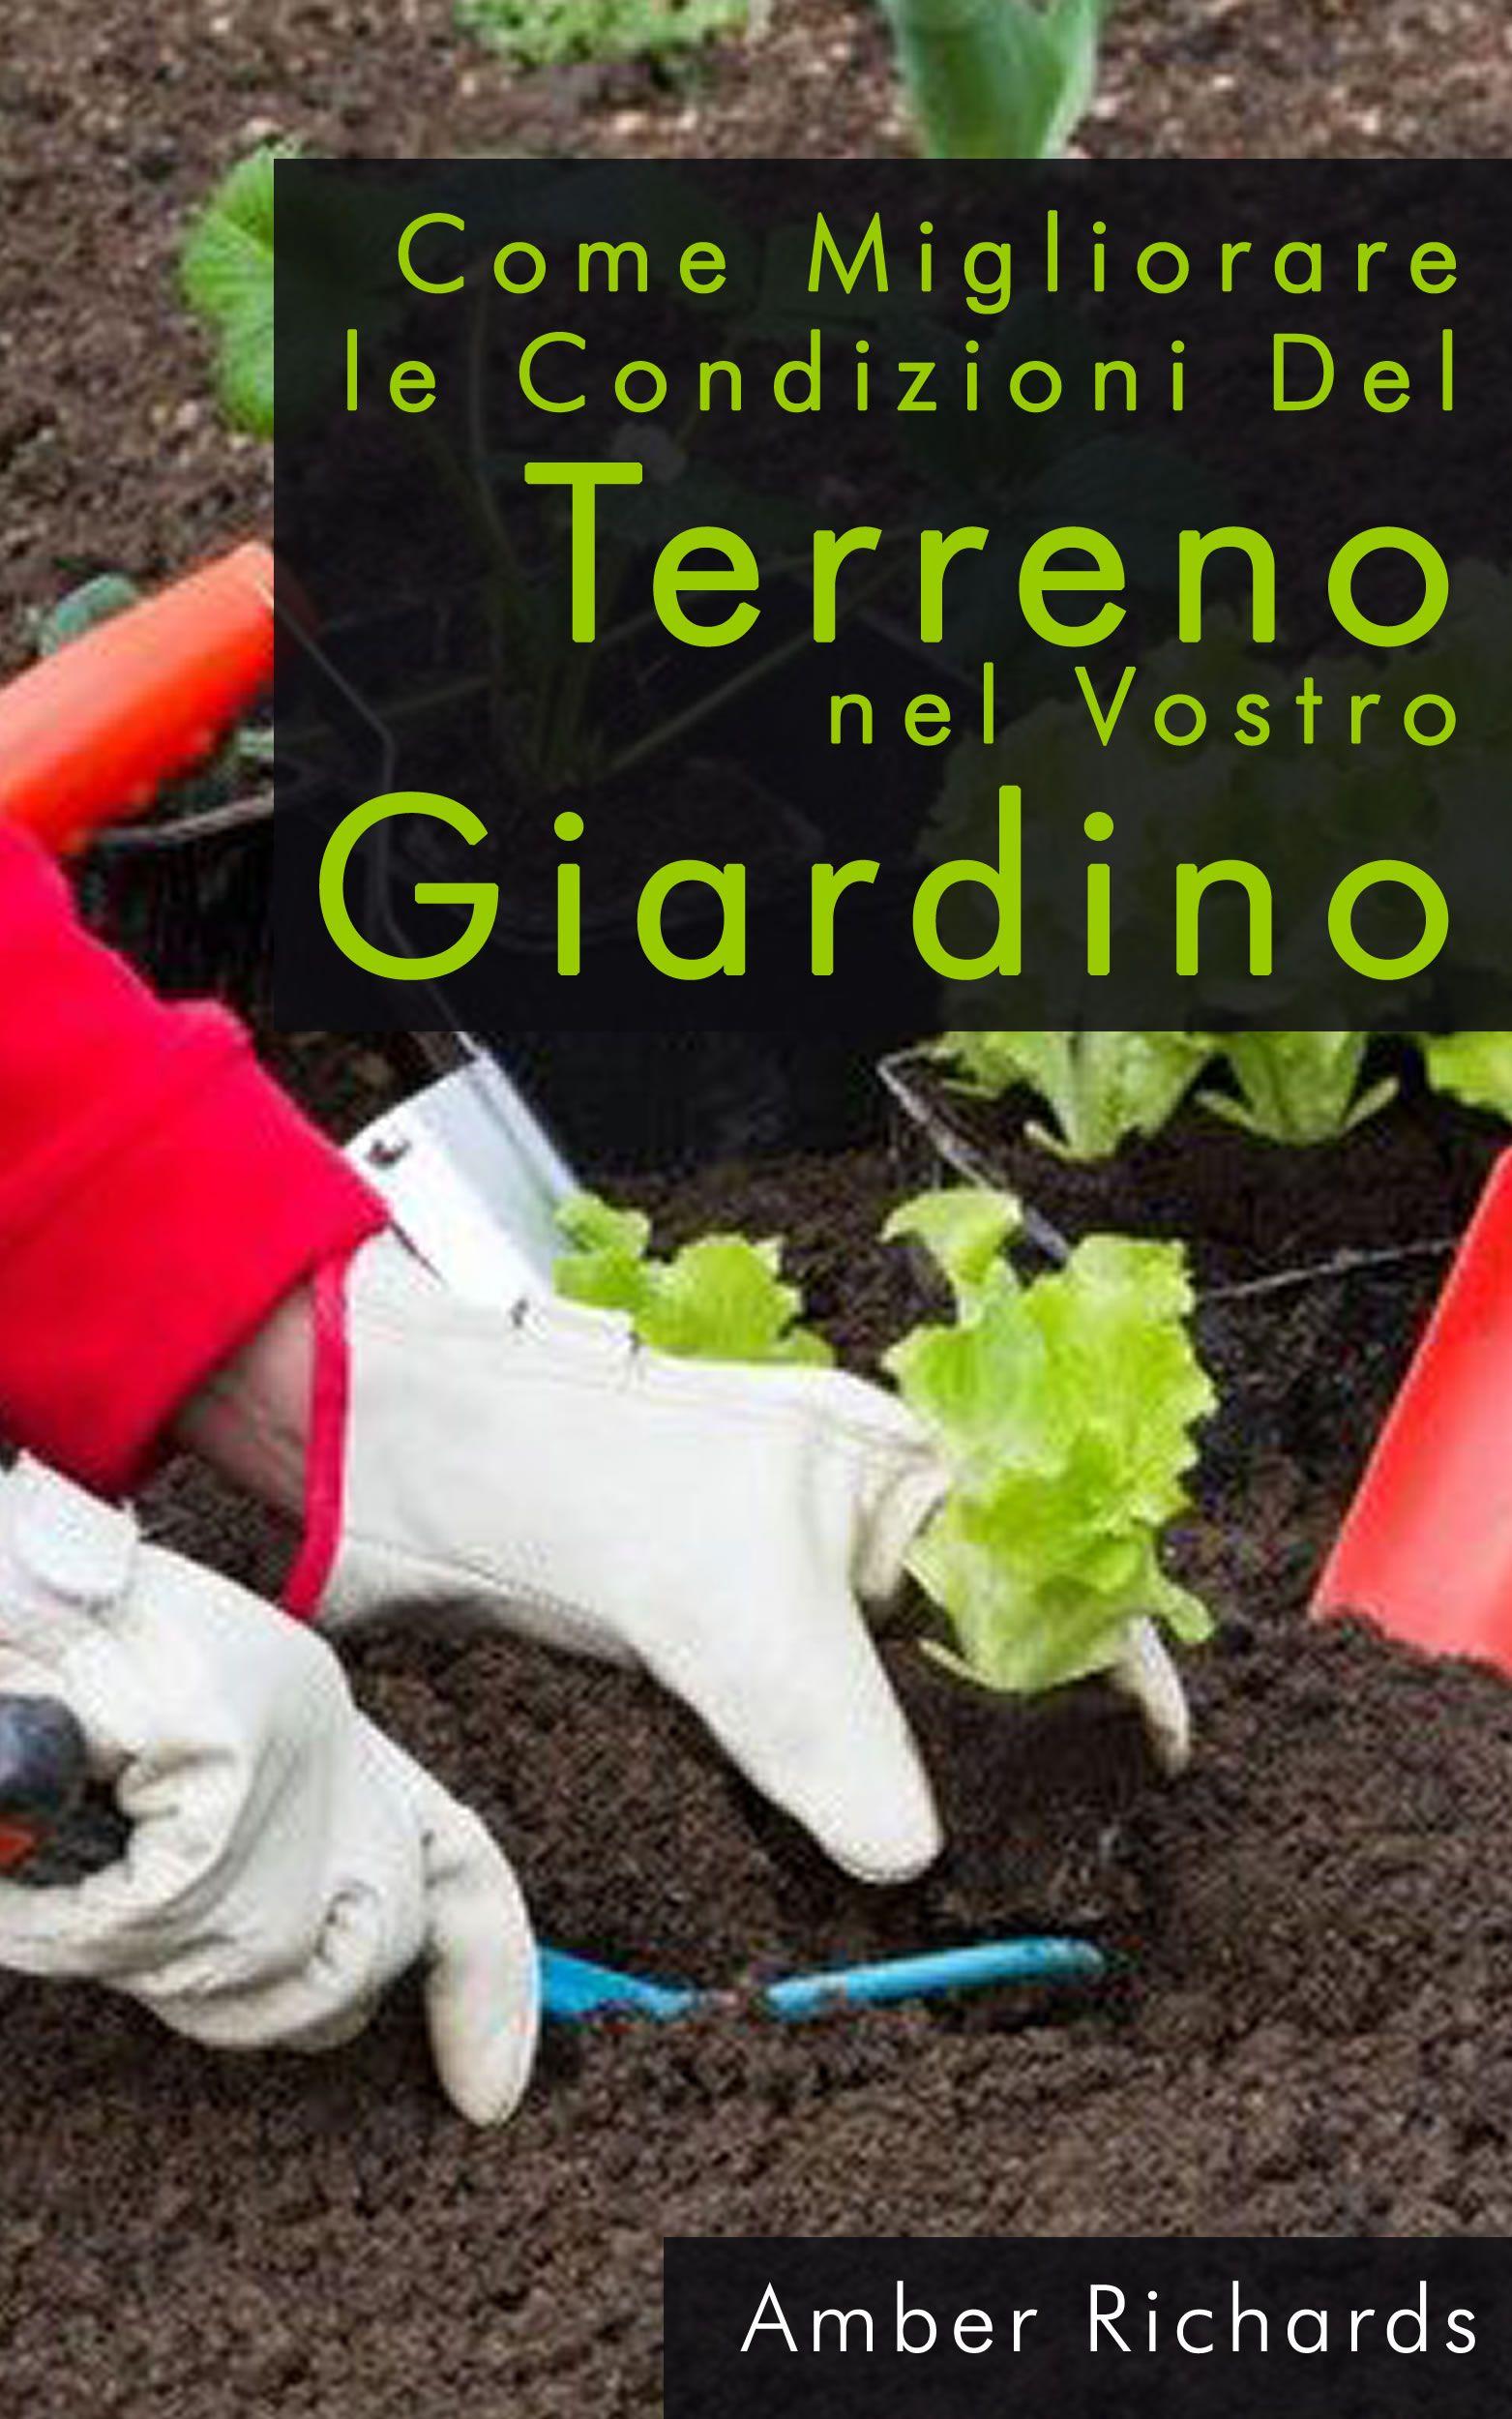 Italian #Libro - Come Migliorare Le Condizioni Del Terreno Nel Vostro Giardino